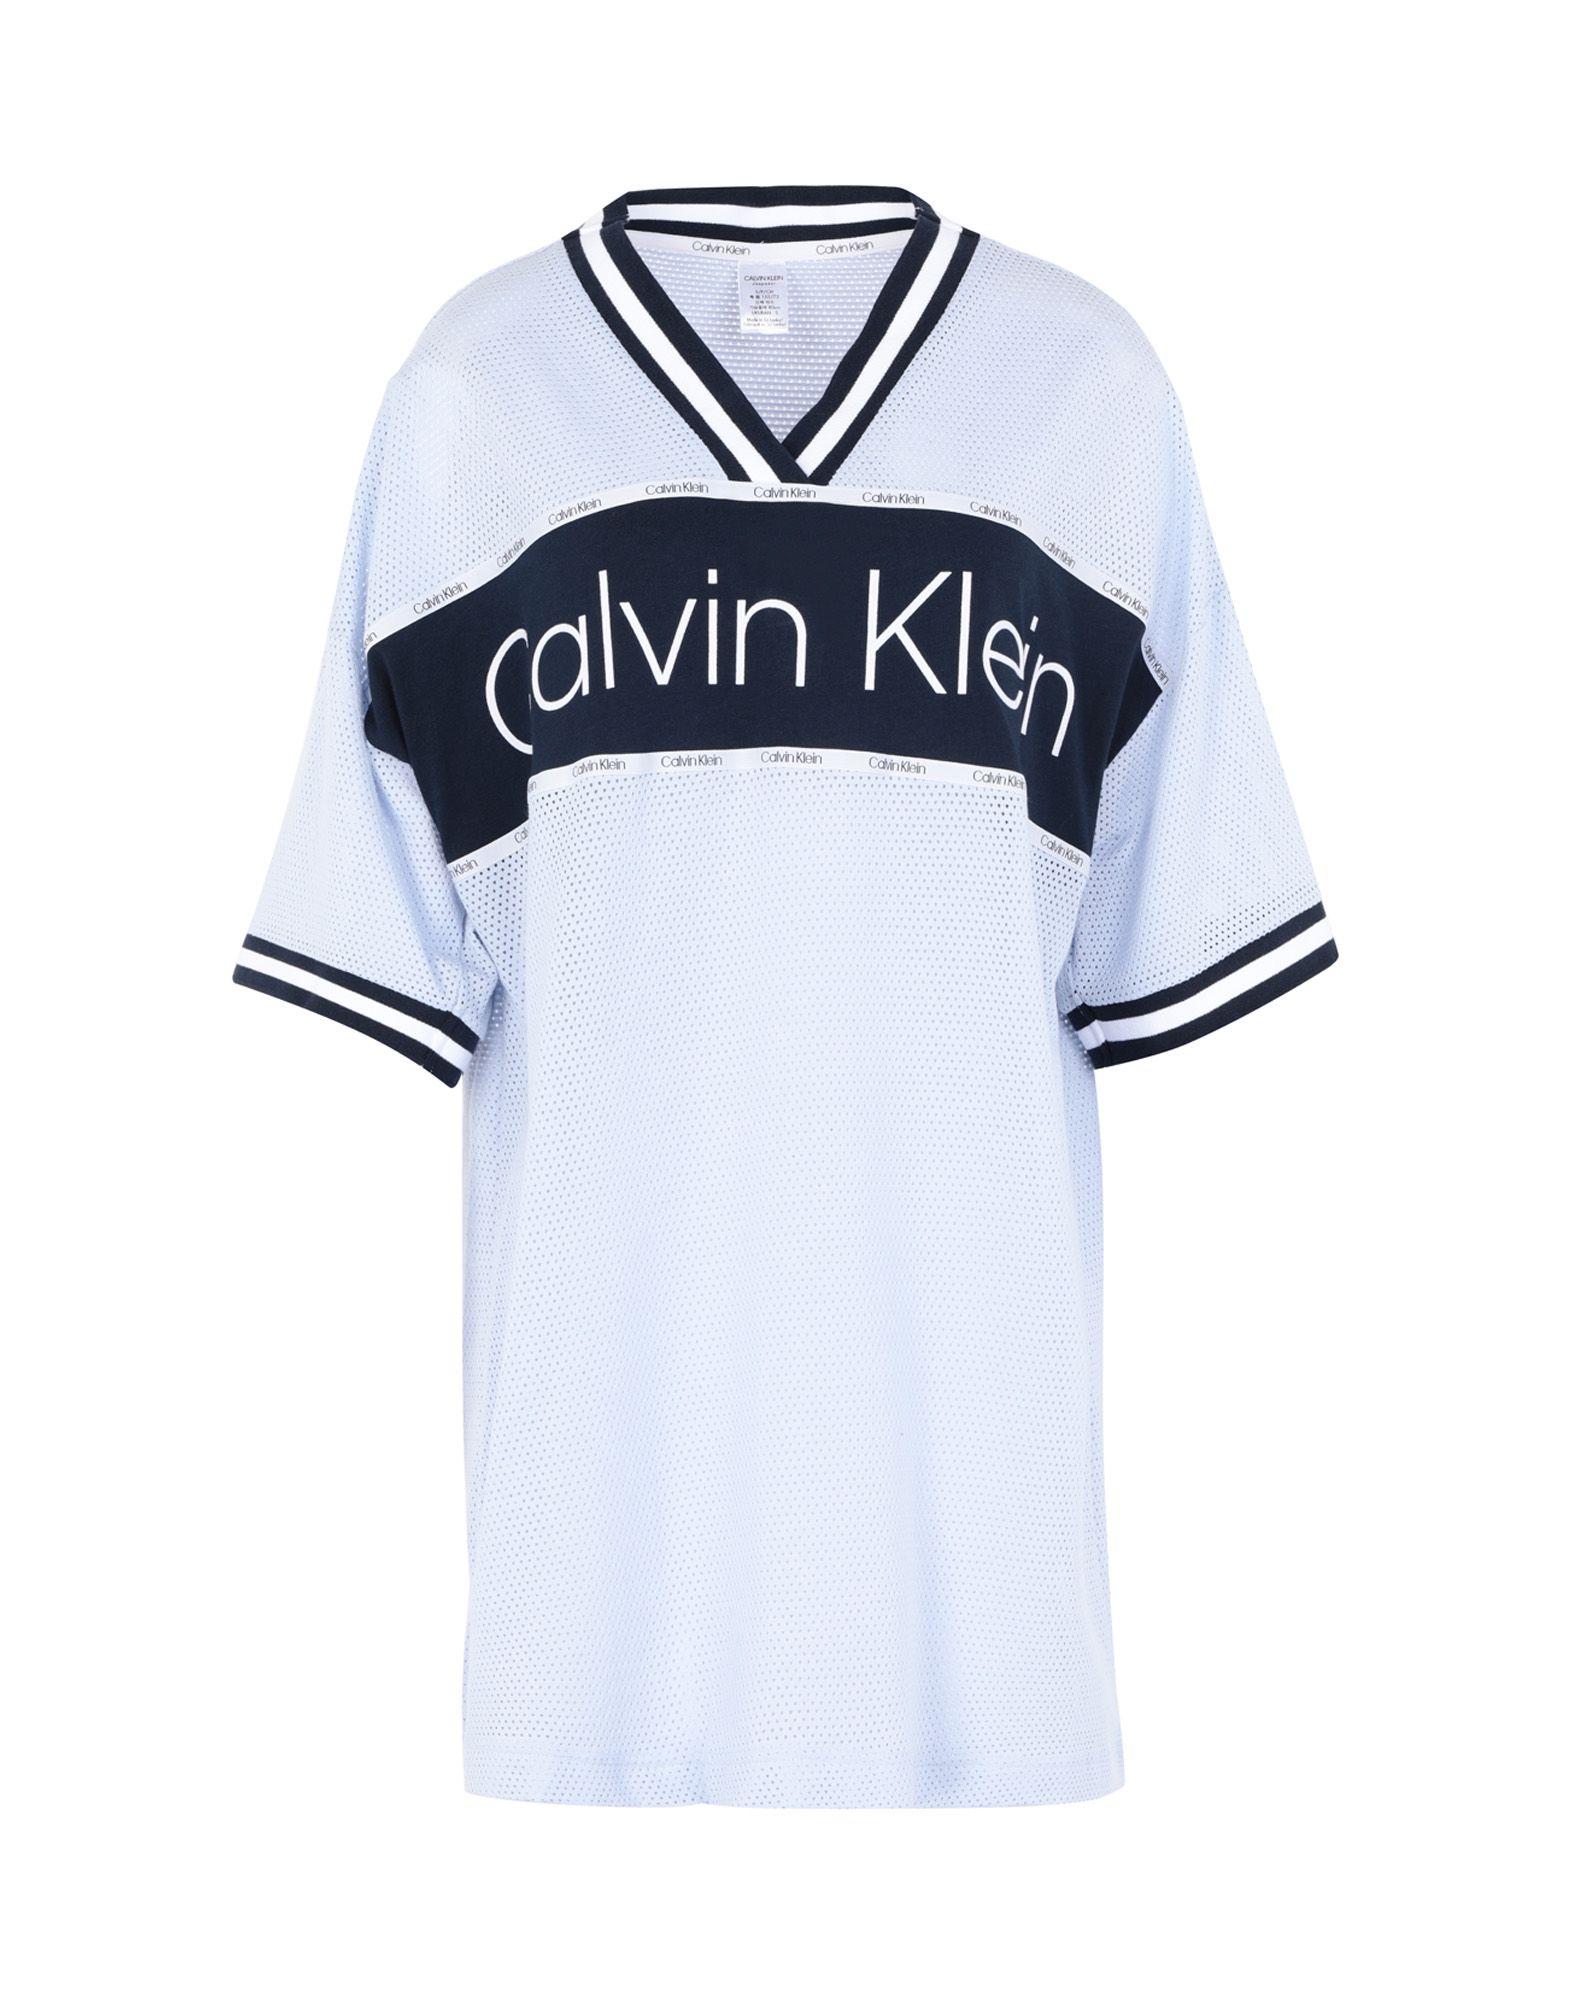 CALVIN KLEIN UNDERWEAR Ночная рубашка